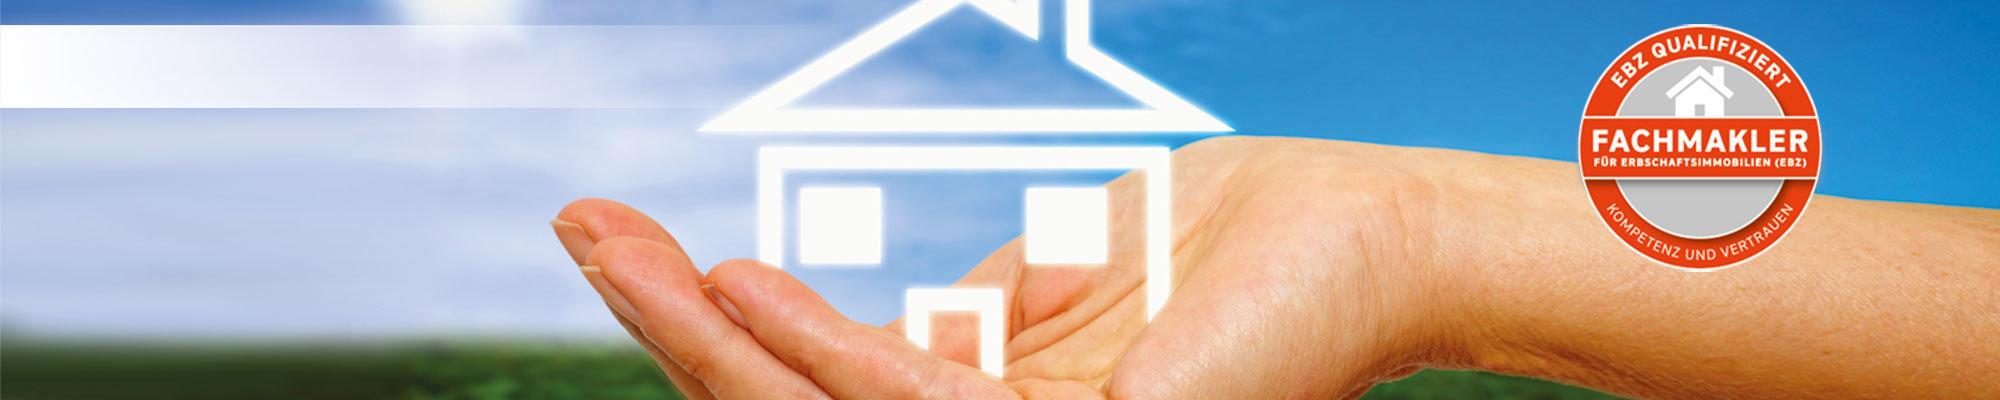 Fachmakler für Erbschaftsimmobilien